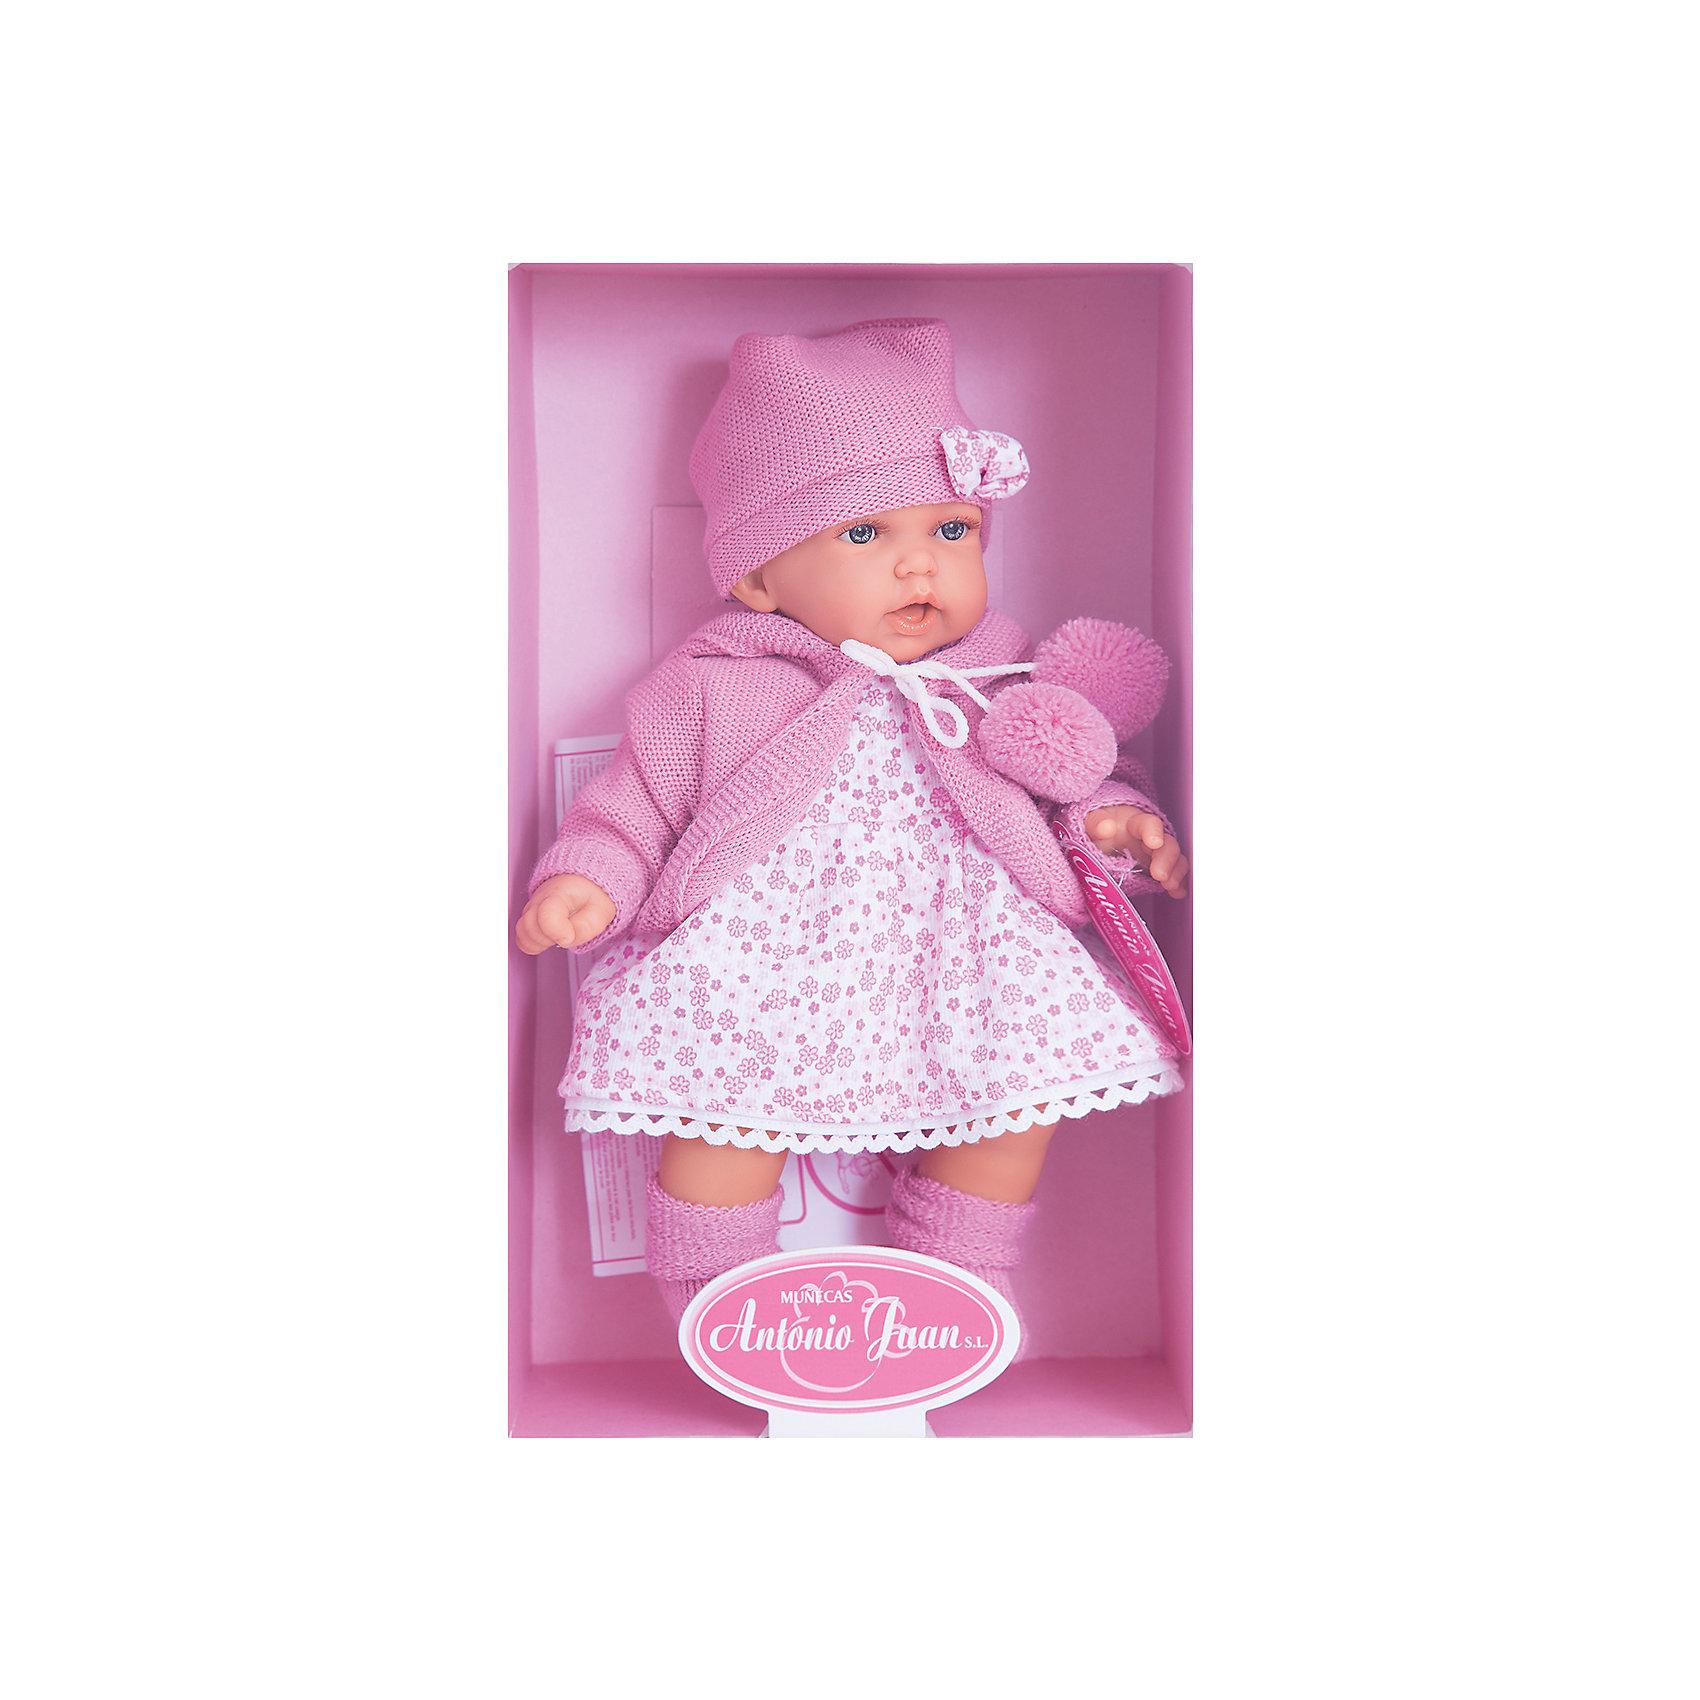 Кукла Азалия в ярко-розовом, 27 см, Munecas Antonio JuanКуклы<br>Очаровательная малышка Азалия, Munecas Antonio Juan (Мунекас Антонио Хуан), покорит не только детей но даже их родителей. Куколка выглядит как настоящая маленькая девочка, а ее трогательный внешний вид вызывает только самые положительные и добрые эмоции. Все куклы Антонио Мунекас производятся в Испании в маленьком городе Аликанте и отличаются высоким качеством и потрясающим сходством с настоящими младенцами. В коллекции представлены куклы разных возрастов, как новорожденных так и детей постарше. Все детали тщательно проработаны, пропорции идентичны строению маленького ребенка. В создании кукол и одежды для них принимали участие известные европейские дизайнеры, поэтому каждая куколка имеет свой неповторимый индивидуальный образ и чудесный модный наряд, сшитый вручную.<br><br>У куклы Азалии милое детское личико и мягкие темные волосы, за которыми приятно ухаживать и расчесывать. Искусно выполненные детали, такие как складочки на ручках и ножках, пушистые реснички, пухлые щечки и губки, придают игрушке трогательный и реалистичный вид. Туловище куклы мягконабивное и маленькая хозяйка будет с удовольствием обнимать и тискать ее. Если нажать кукле на животик один раз - она засмеется, второй раз - скажет мама, третий раз - скажет папа. У Азалии подвижные ручки и ножки, изготовленные из высококачественного эластичного винила, глазки не закрываются. Куколка одета в симпатичное платьице с цветочным рисунком, теплую ярко-розовую кофточку с помпонами и шапочку с бантиком, на ножках теплые розовые пинетки. Эта чудесная милая куколка станет любимицей Вашей девочки и будет воспитывать в ней доброту, внимание и заботу.<br><br><br>Дополнительная информация:<br><br>- Материал: текстиль, винил.<br>- Требуются батарейки: 3 х АА 1,5V (входят в комплект).<br>- Высота куклы: 27 см.<br>- Размер упаковки: 17,5 x 31 x 10 см.<br>- Вес: 0,65 кг.<br><br>Куклу Азалия в ярко-розовом, Munecas Antonio Juan (Мунекас Антонио Хуан), можн